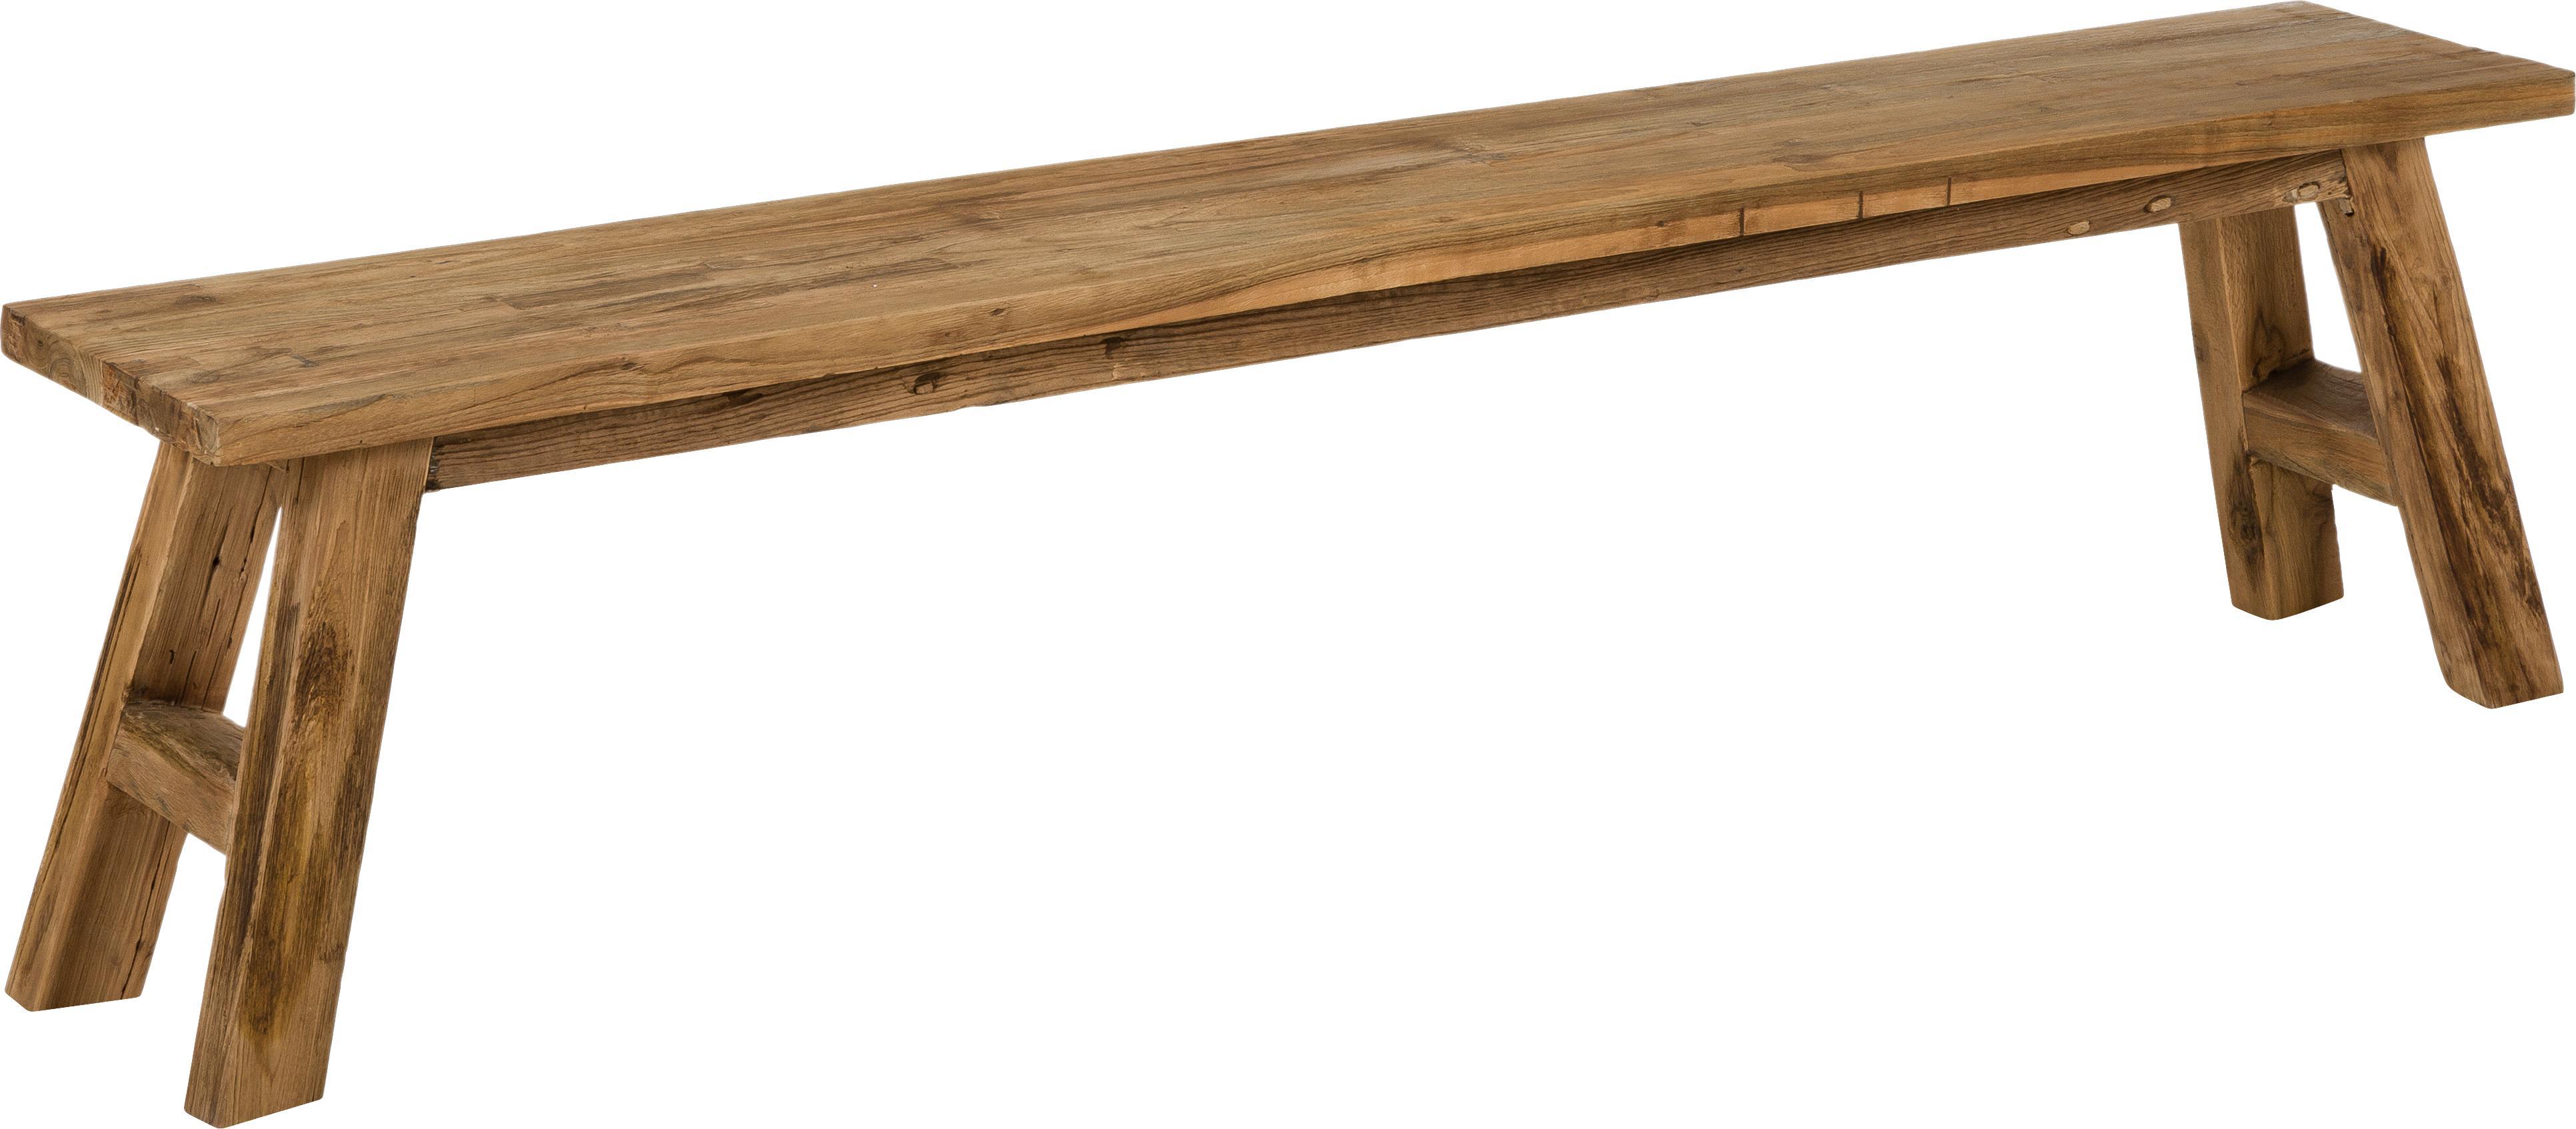 Teakhouten bank Lawas, Natuurlijk teakhout, Teakhoutkleurig, B 180 cm